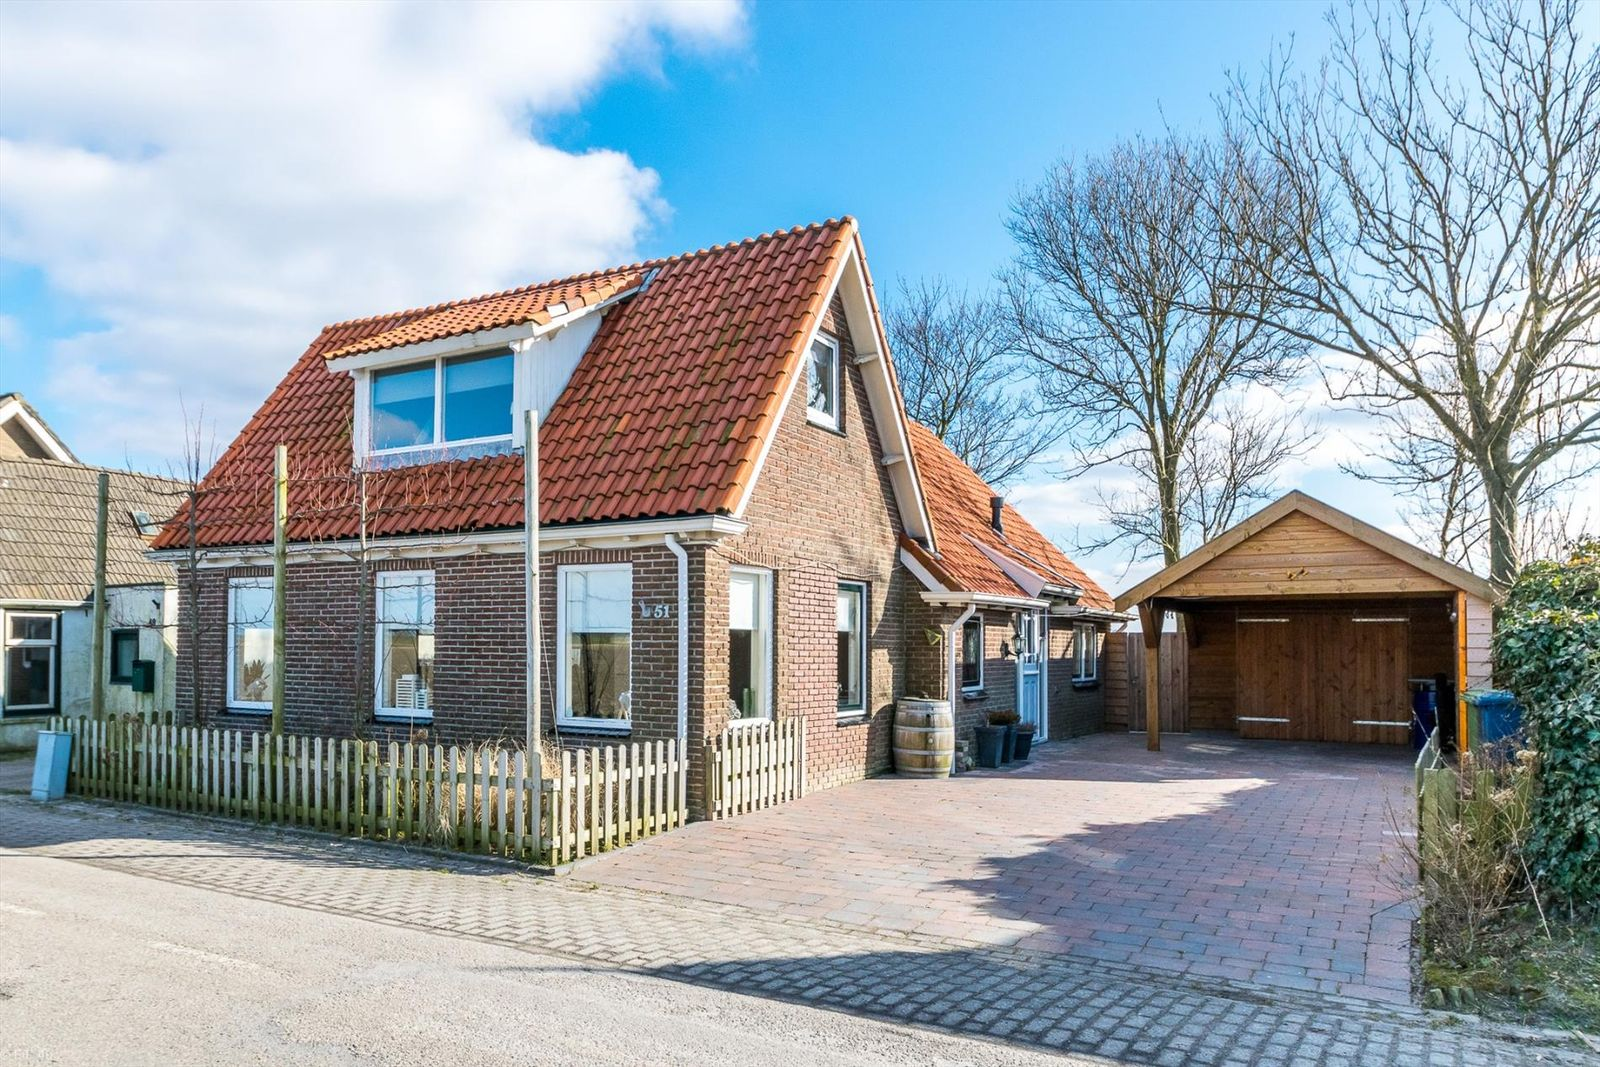 Olde Borchweg 51, Munnekezijl